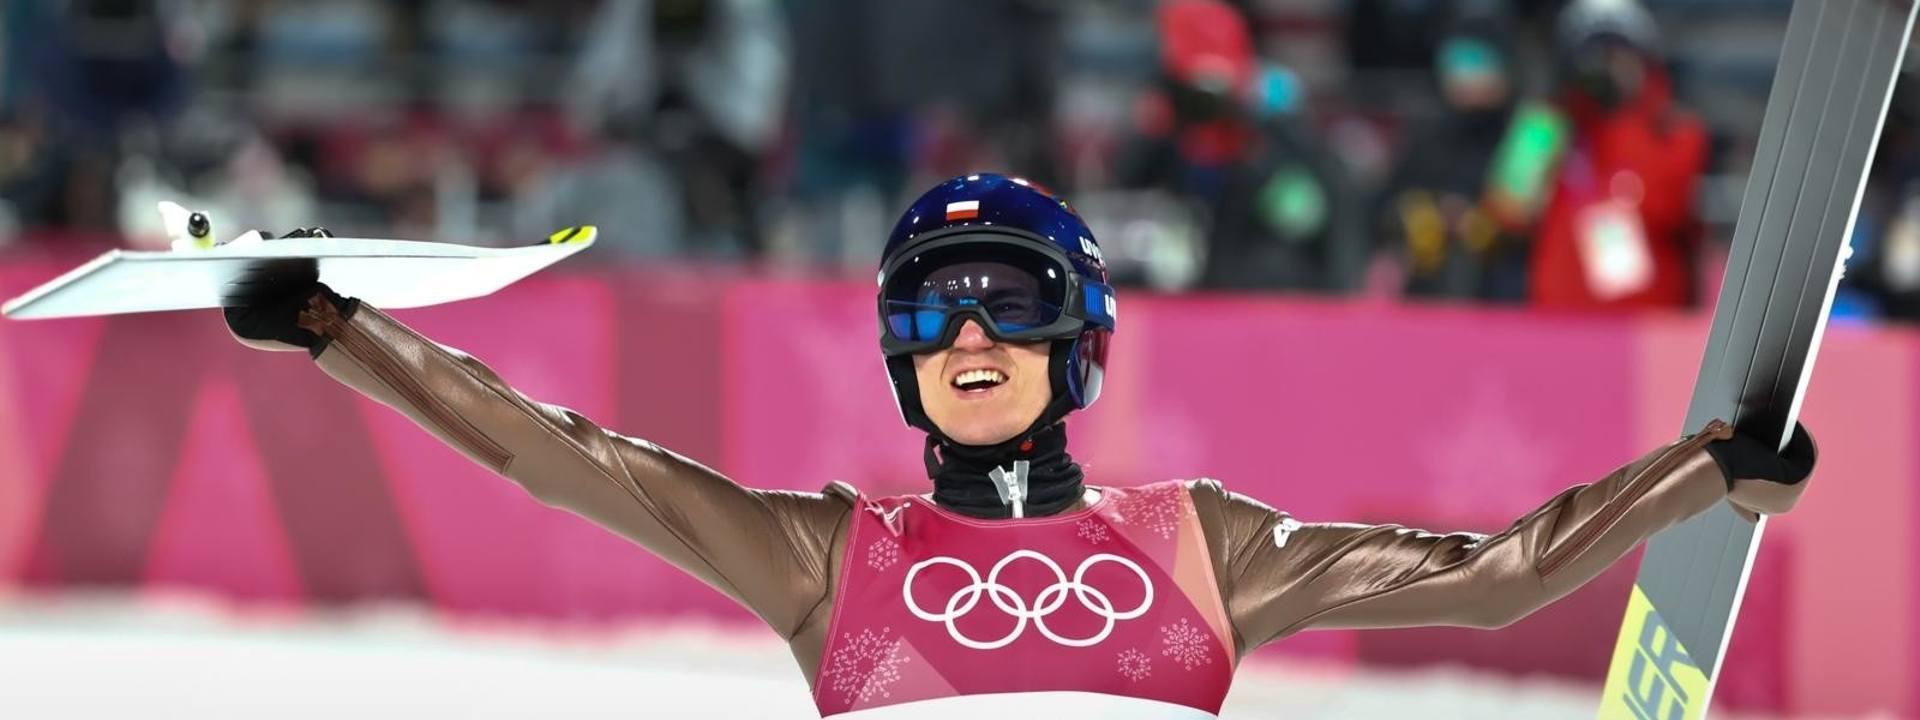 Kamil Stoch w poprzednim sezonie wygrał TCS, Raw Air, zdobył olimpijskie złoto i Kryształową Kulę